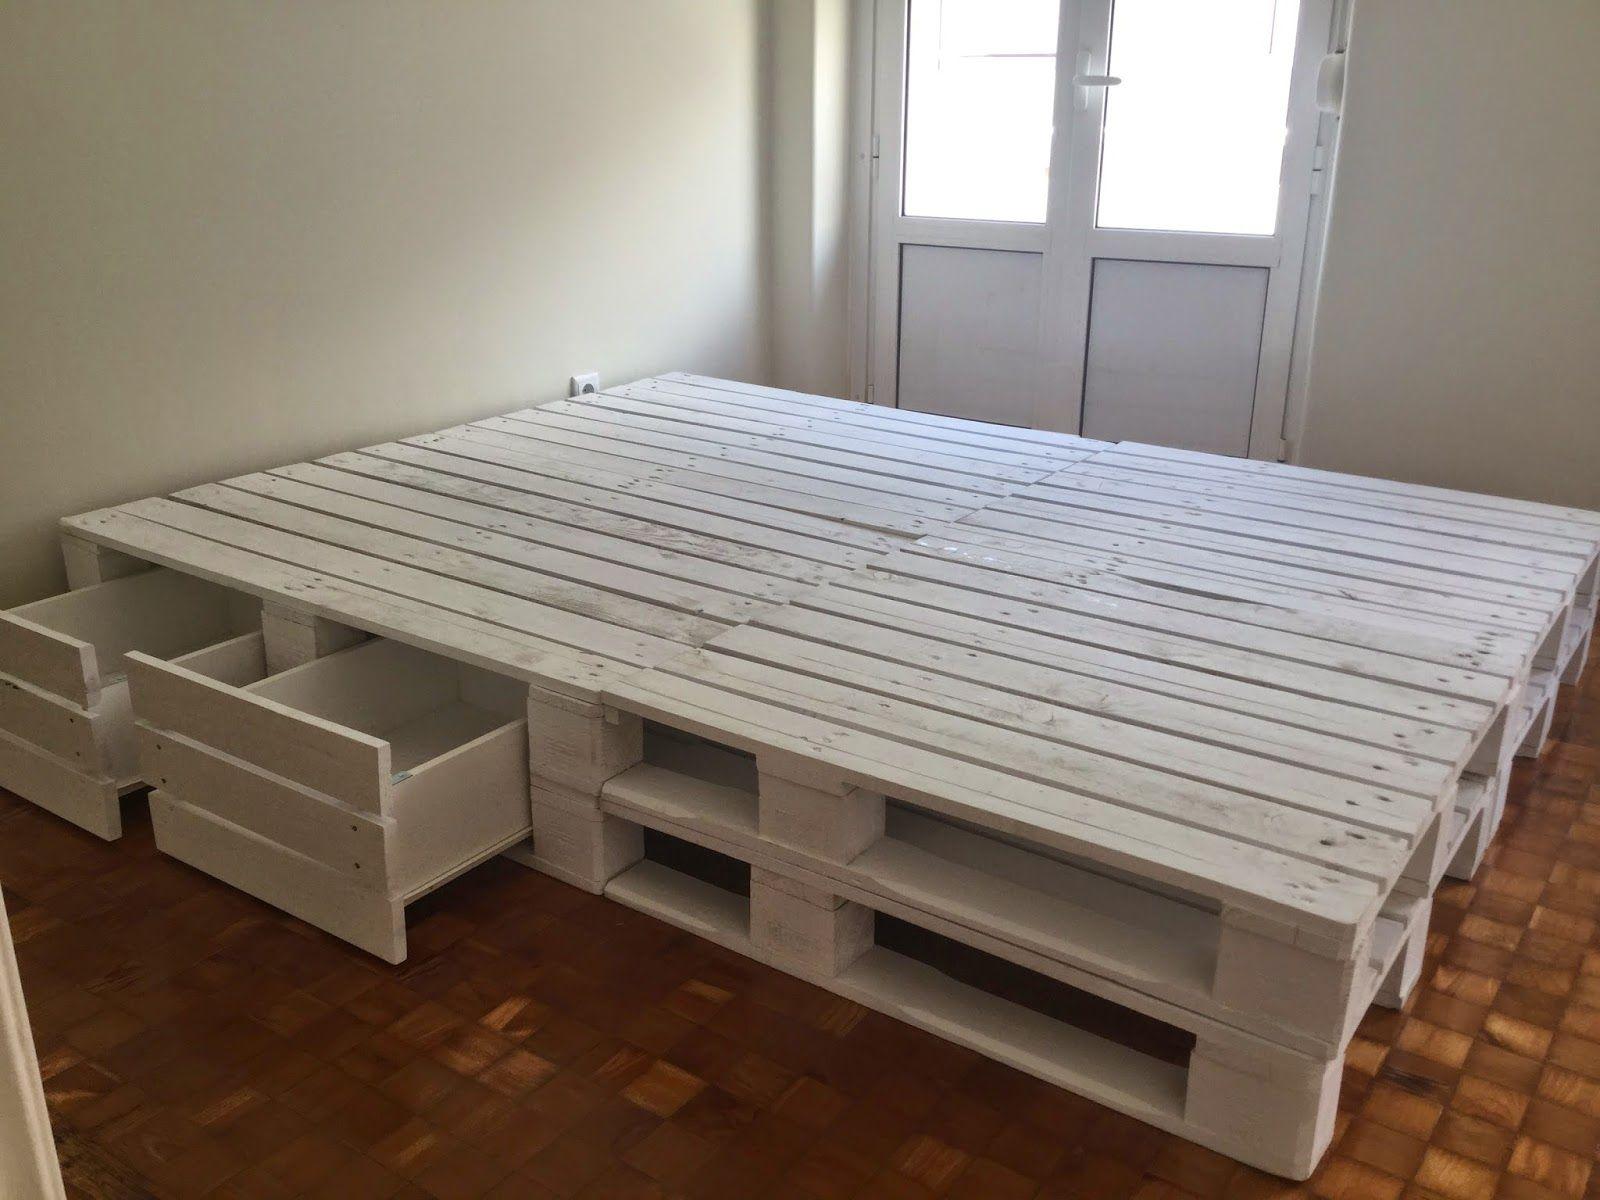 Oficina da madeira cama com gavetas paletes casa nova for Sofa cama para oficina